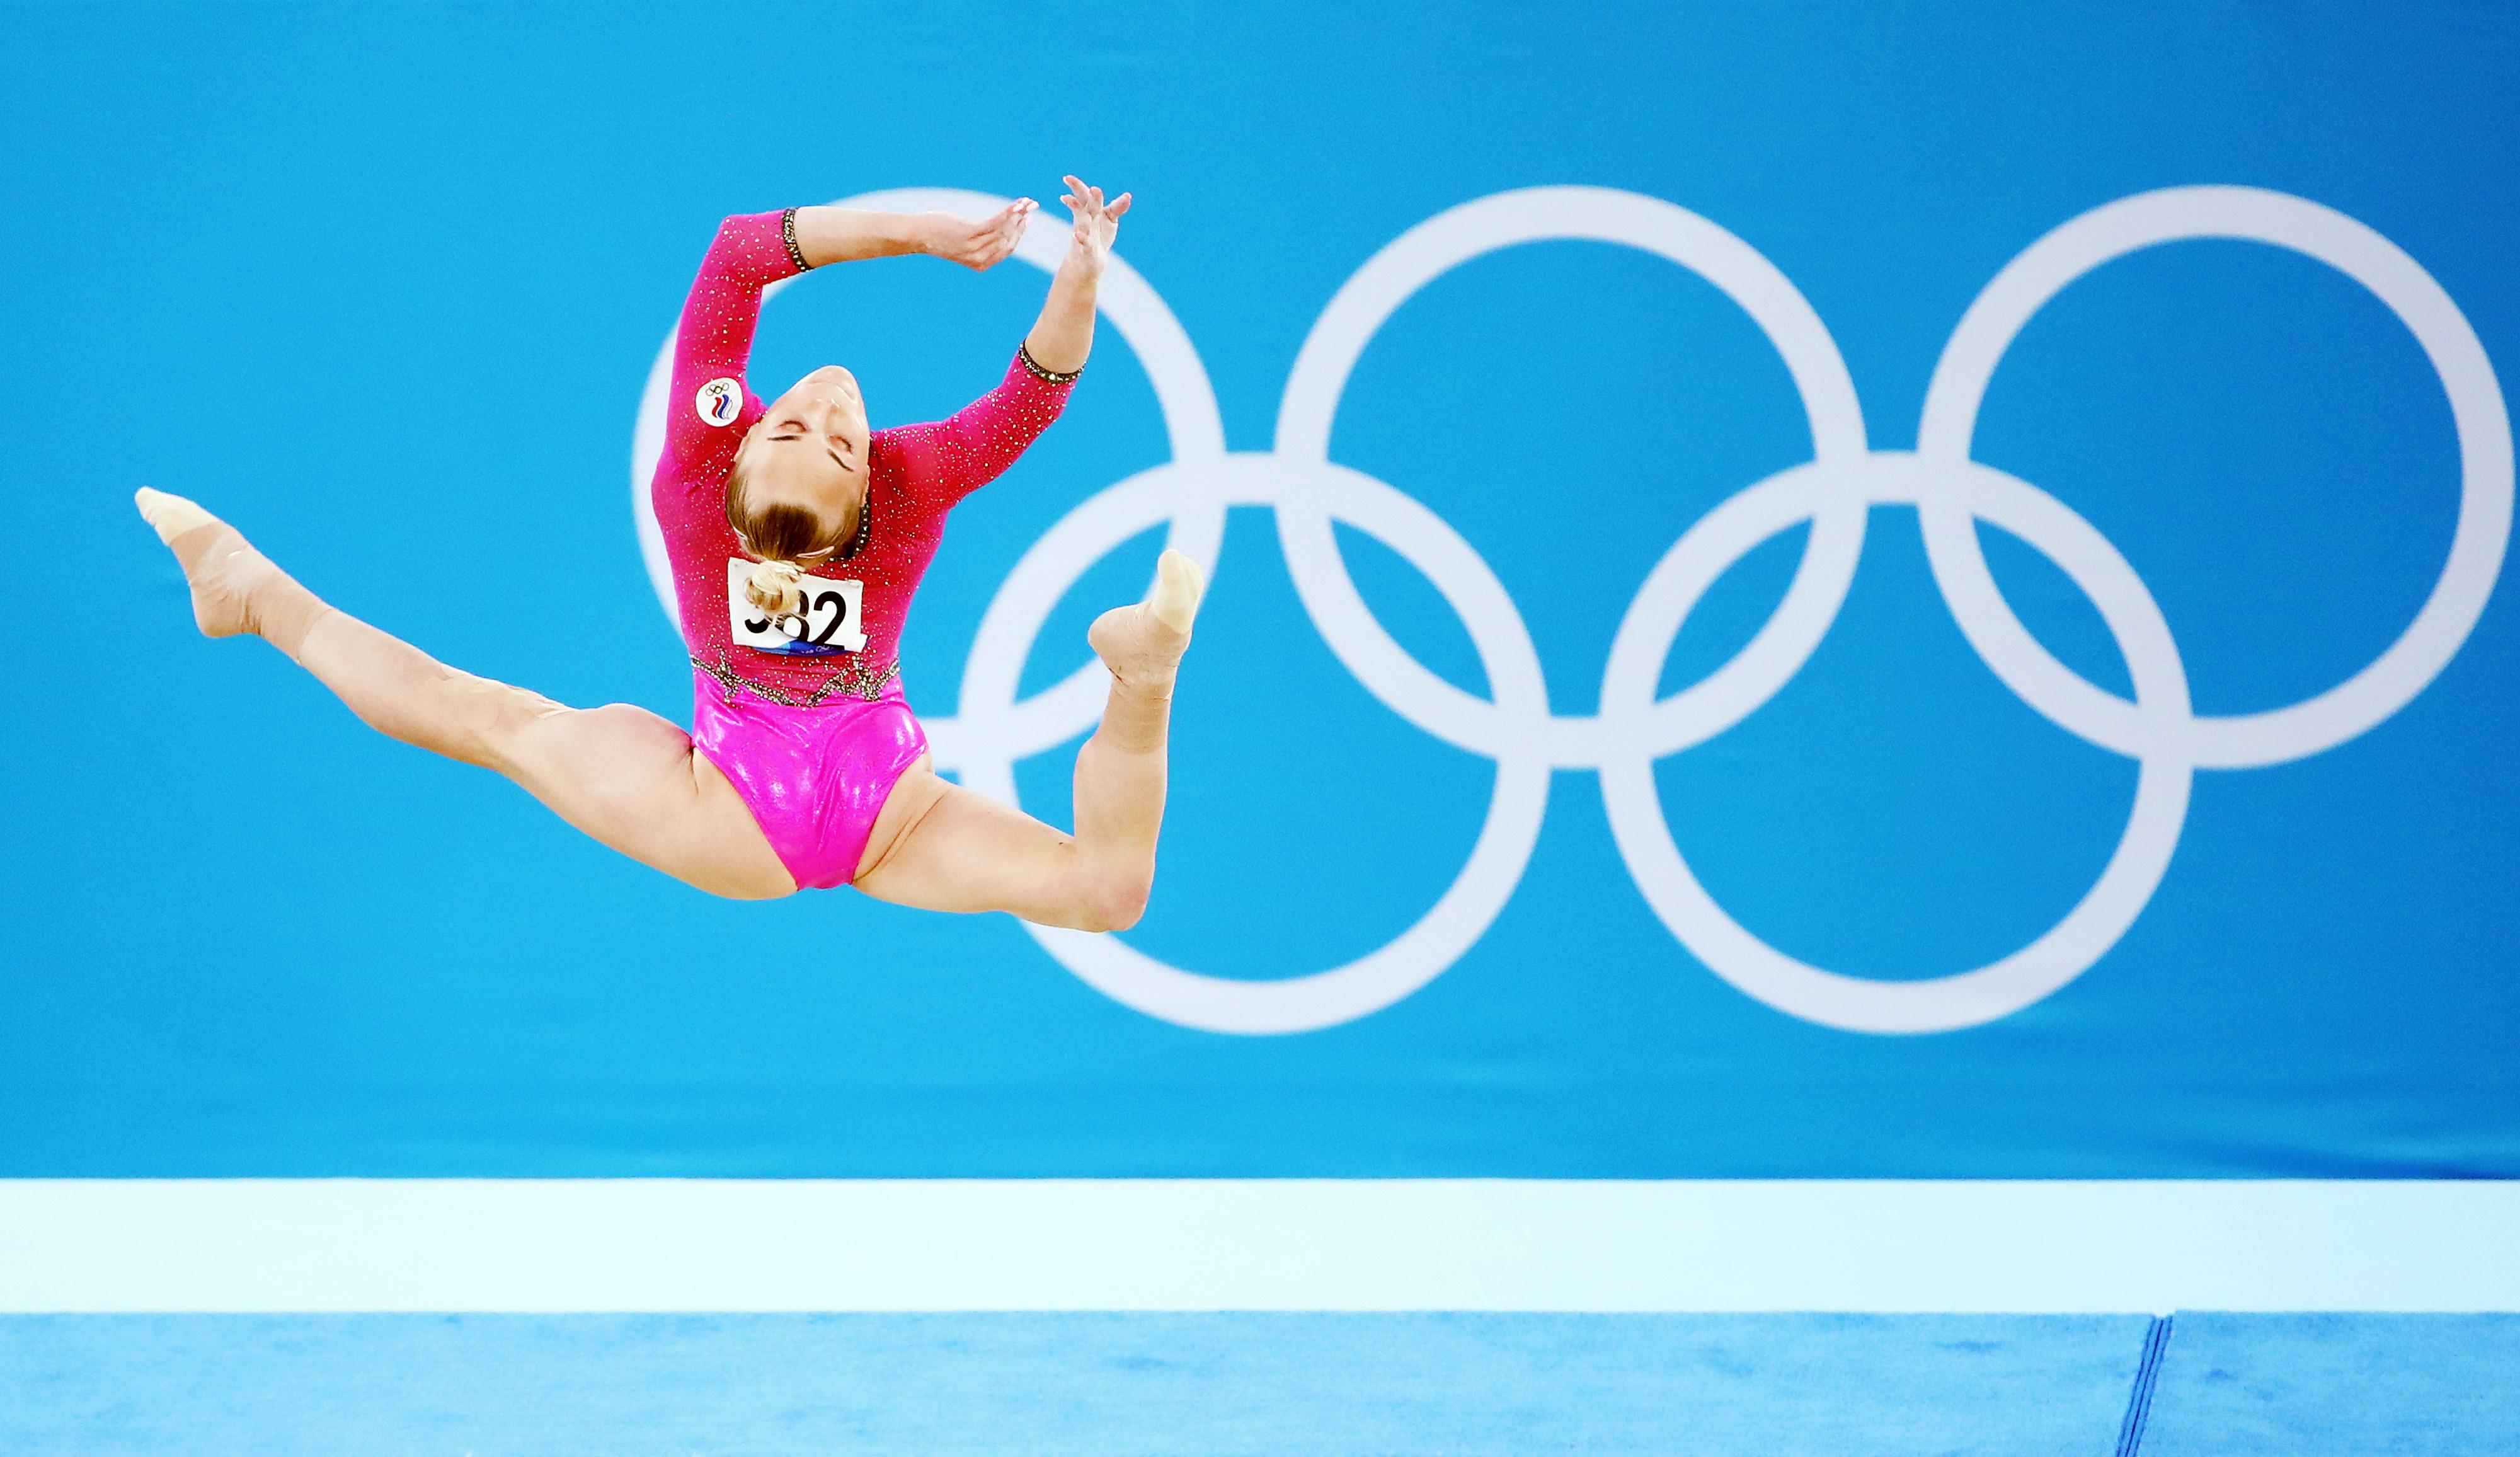 Мельникова завоевала бронзу Олимпиады в личном многоборье - фото